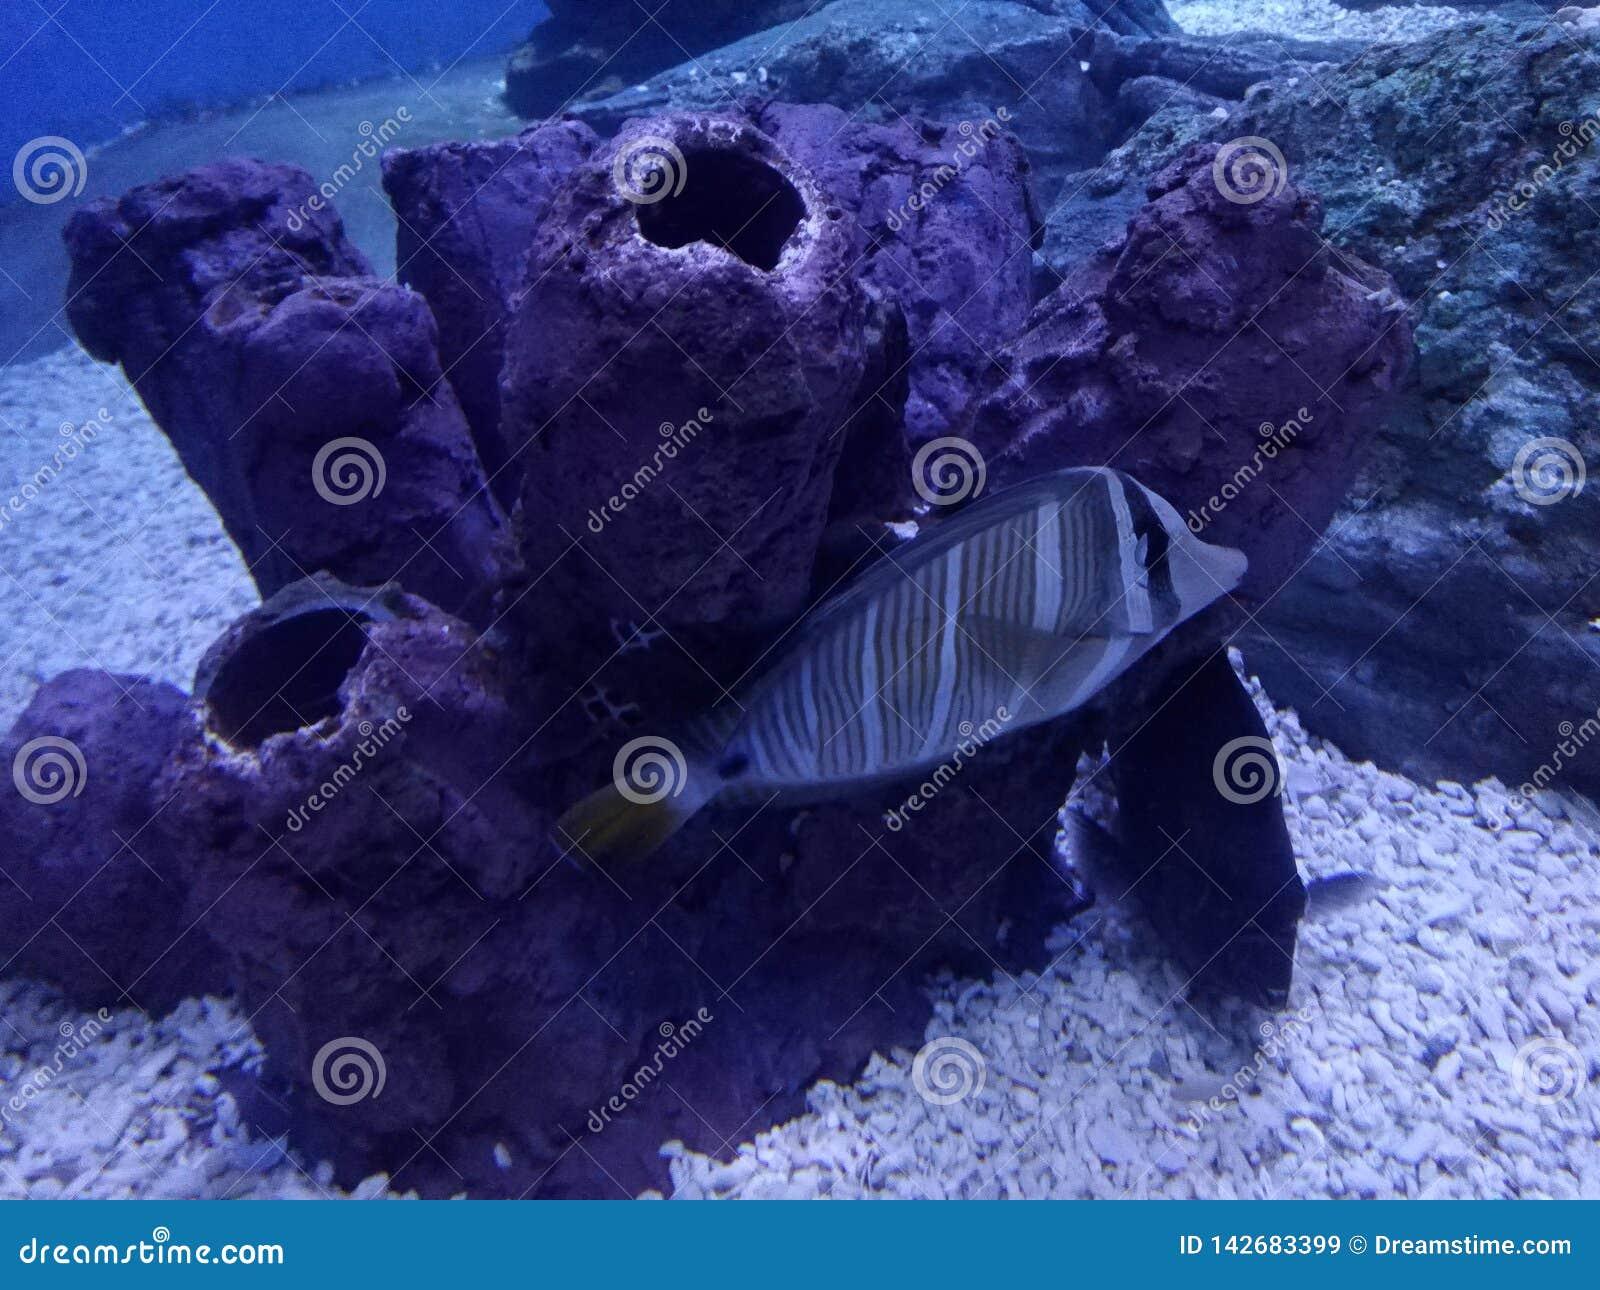 Книга Гиннесса мира моря мировых рекордов